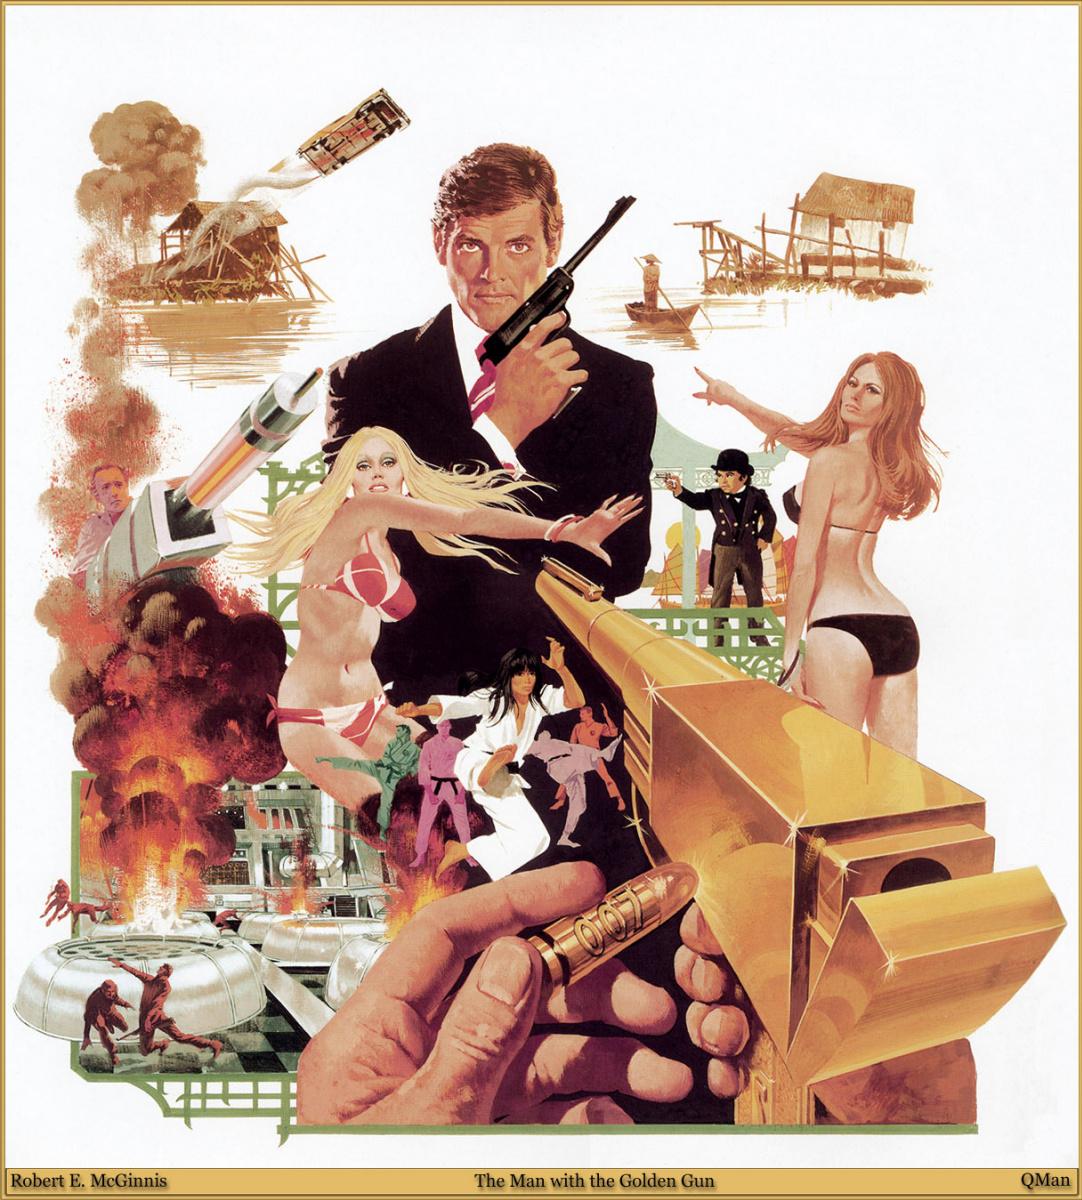 Robert McGinnis. The man with the Golden gun